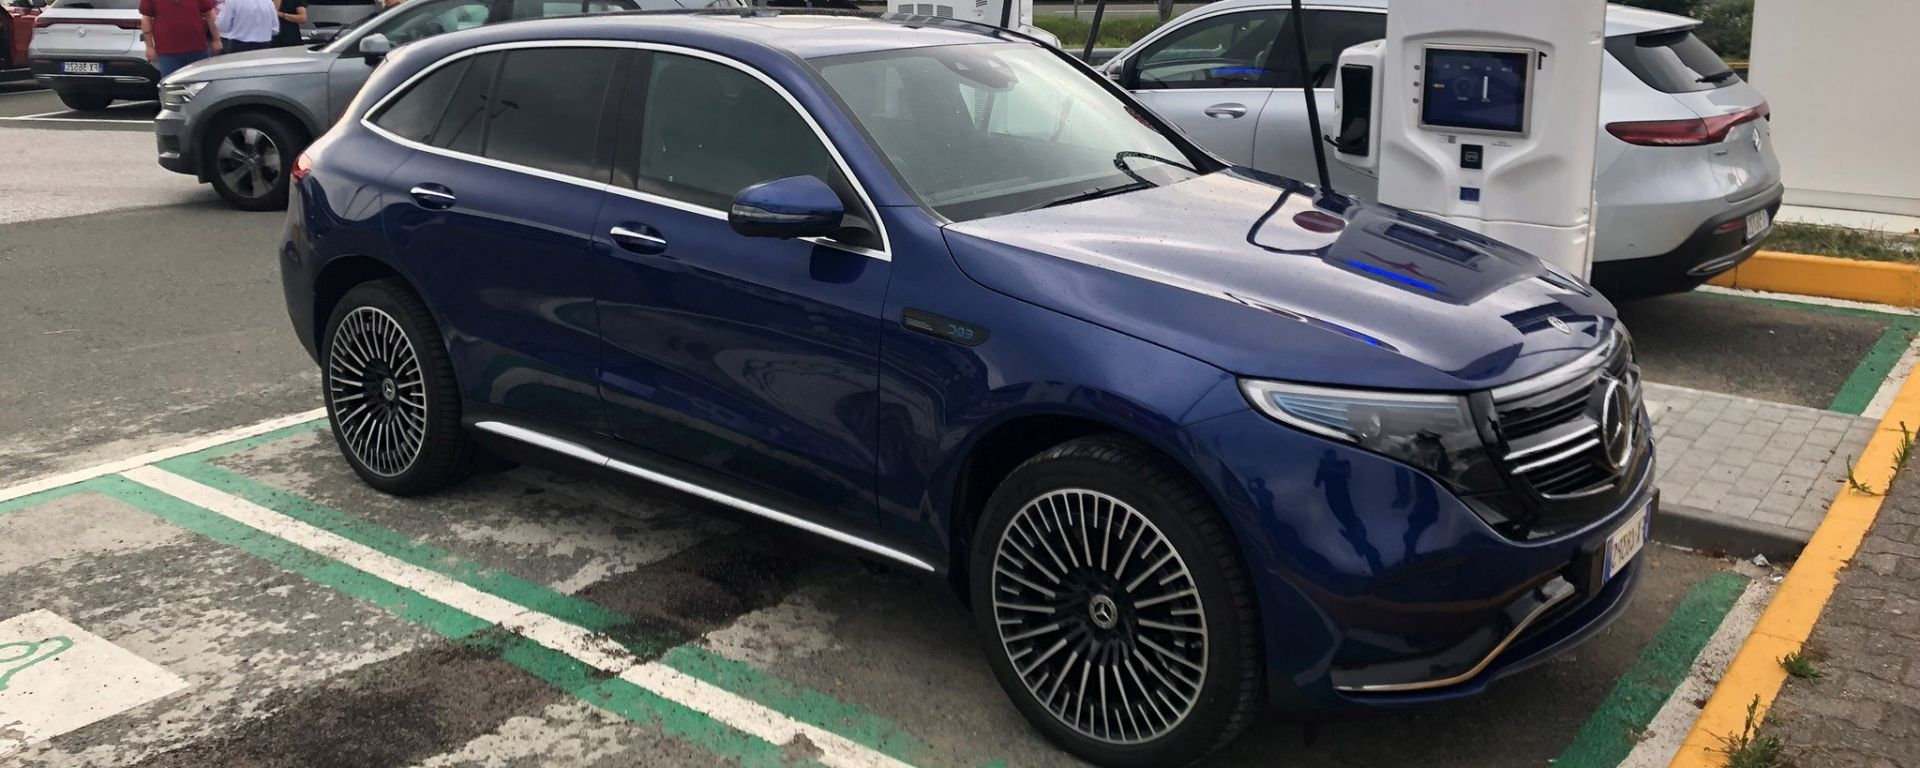 Mercedes-Benz EQC in carica presso colonnina Ionity